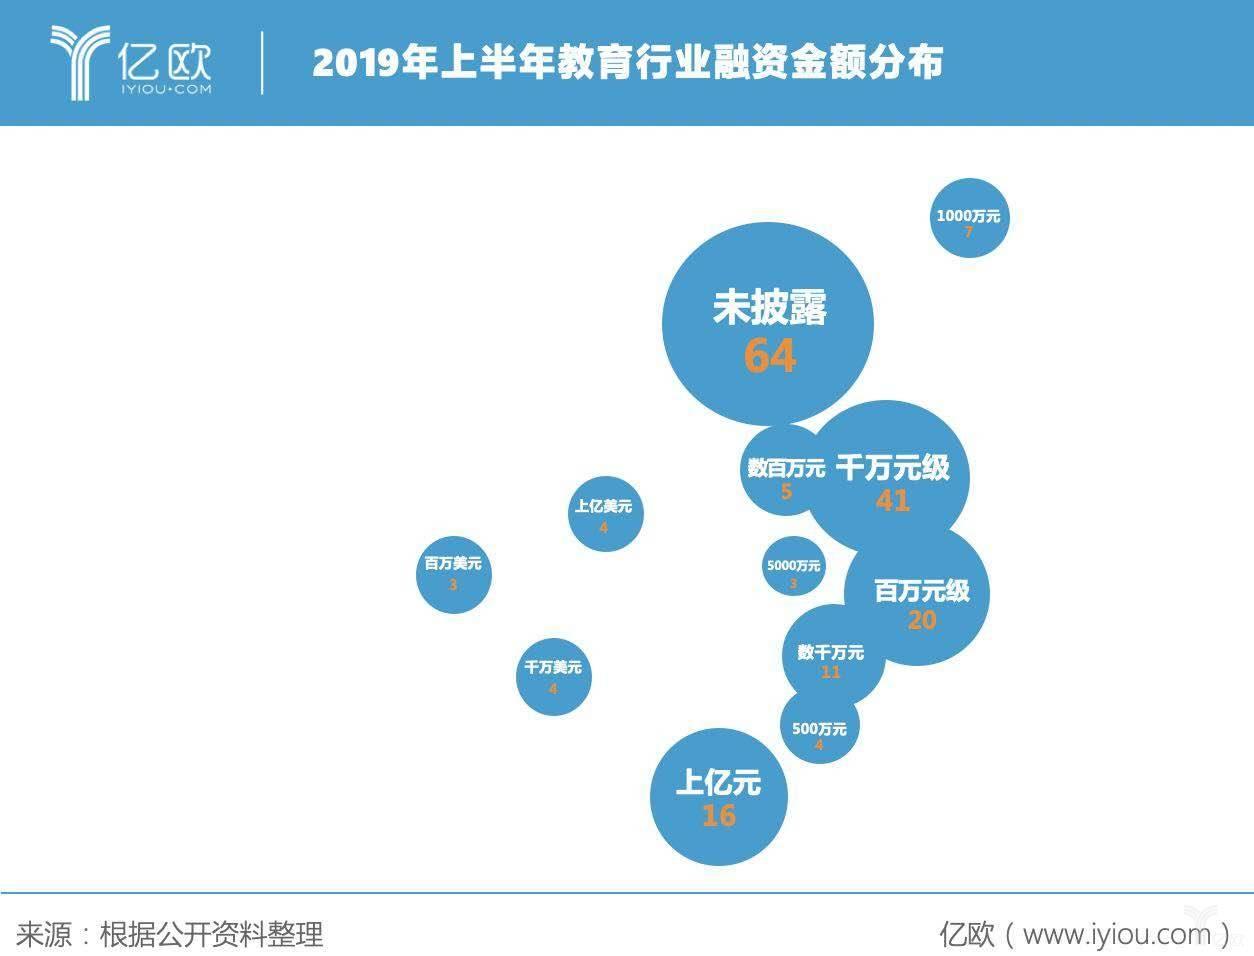 2019上半年教育行业融资金额分布